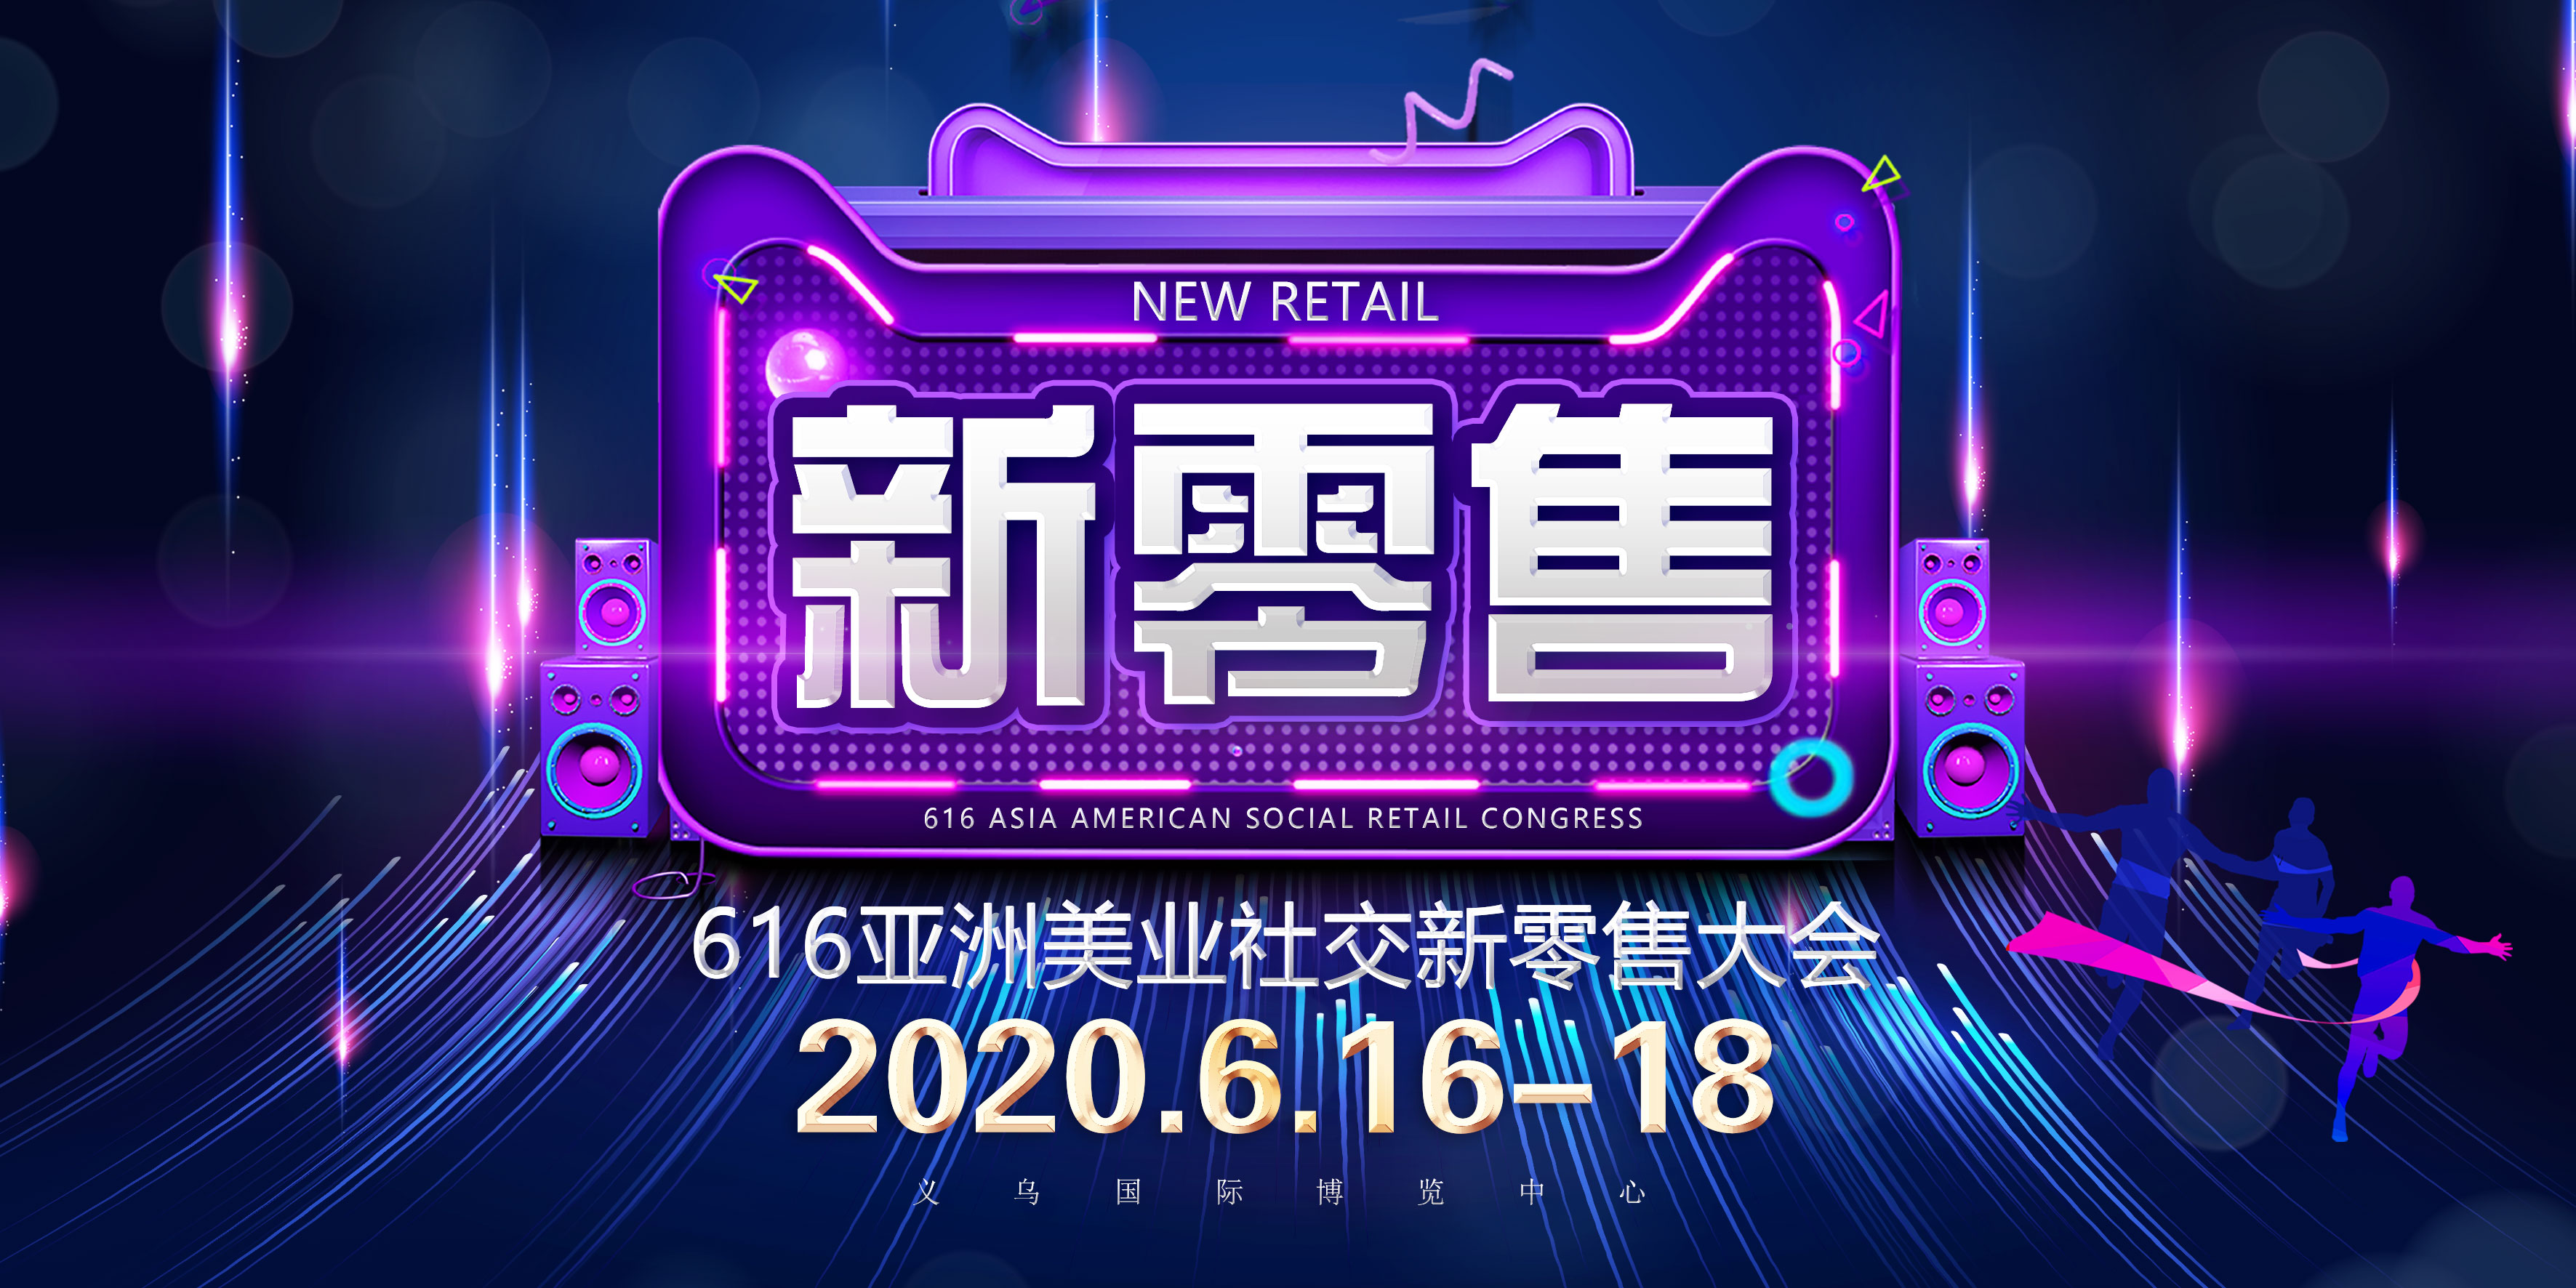 2021亚洲美业社交新零售大会